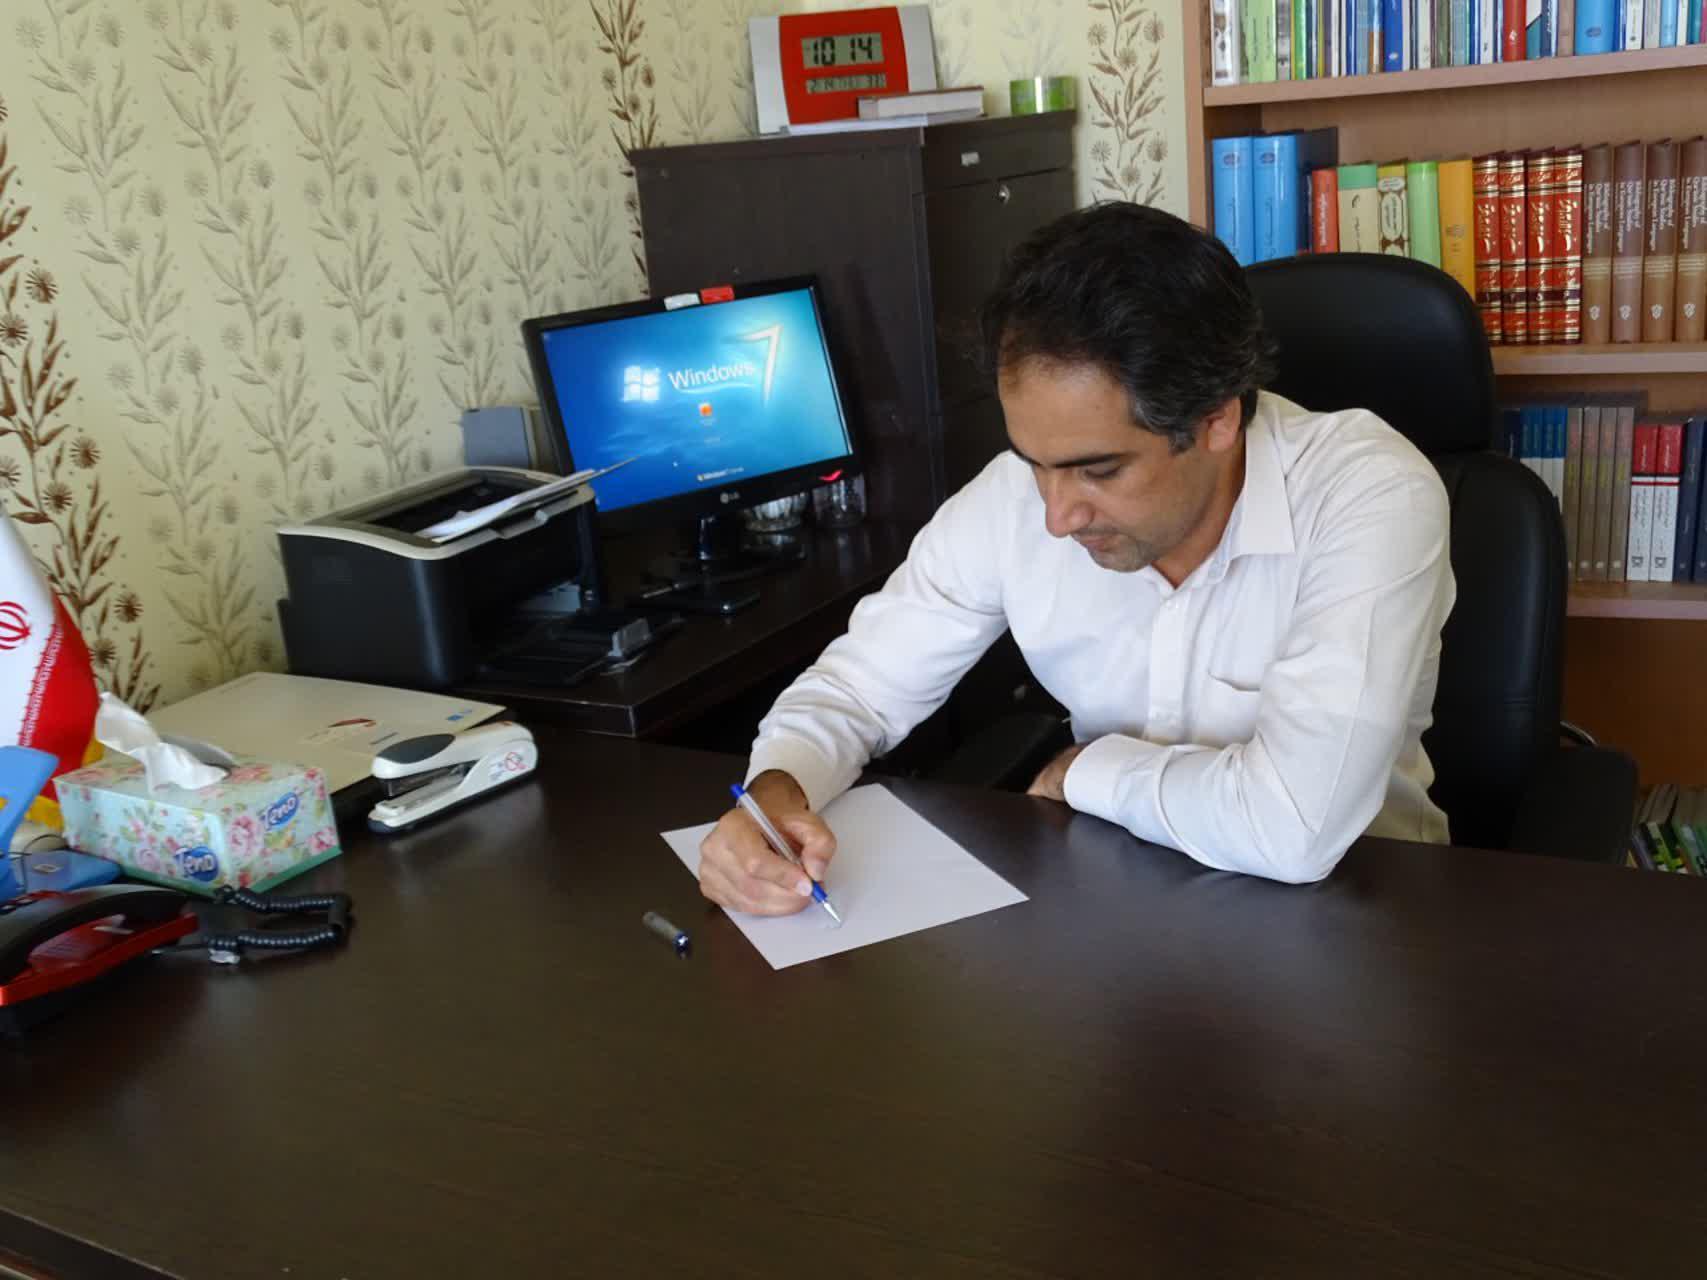 پیام تسلیت رئیس اداره فرهنگ و ارشاد اسلامی شهرستان باشت به مناسبت درگذشت سید عمران حسینی